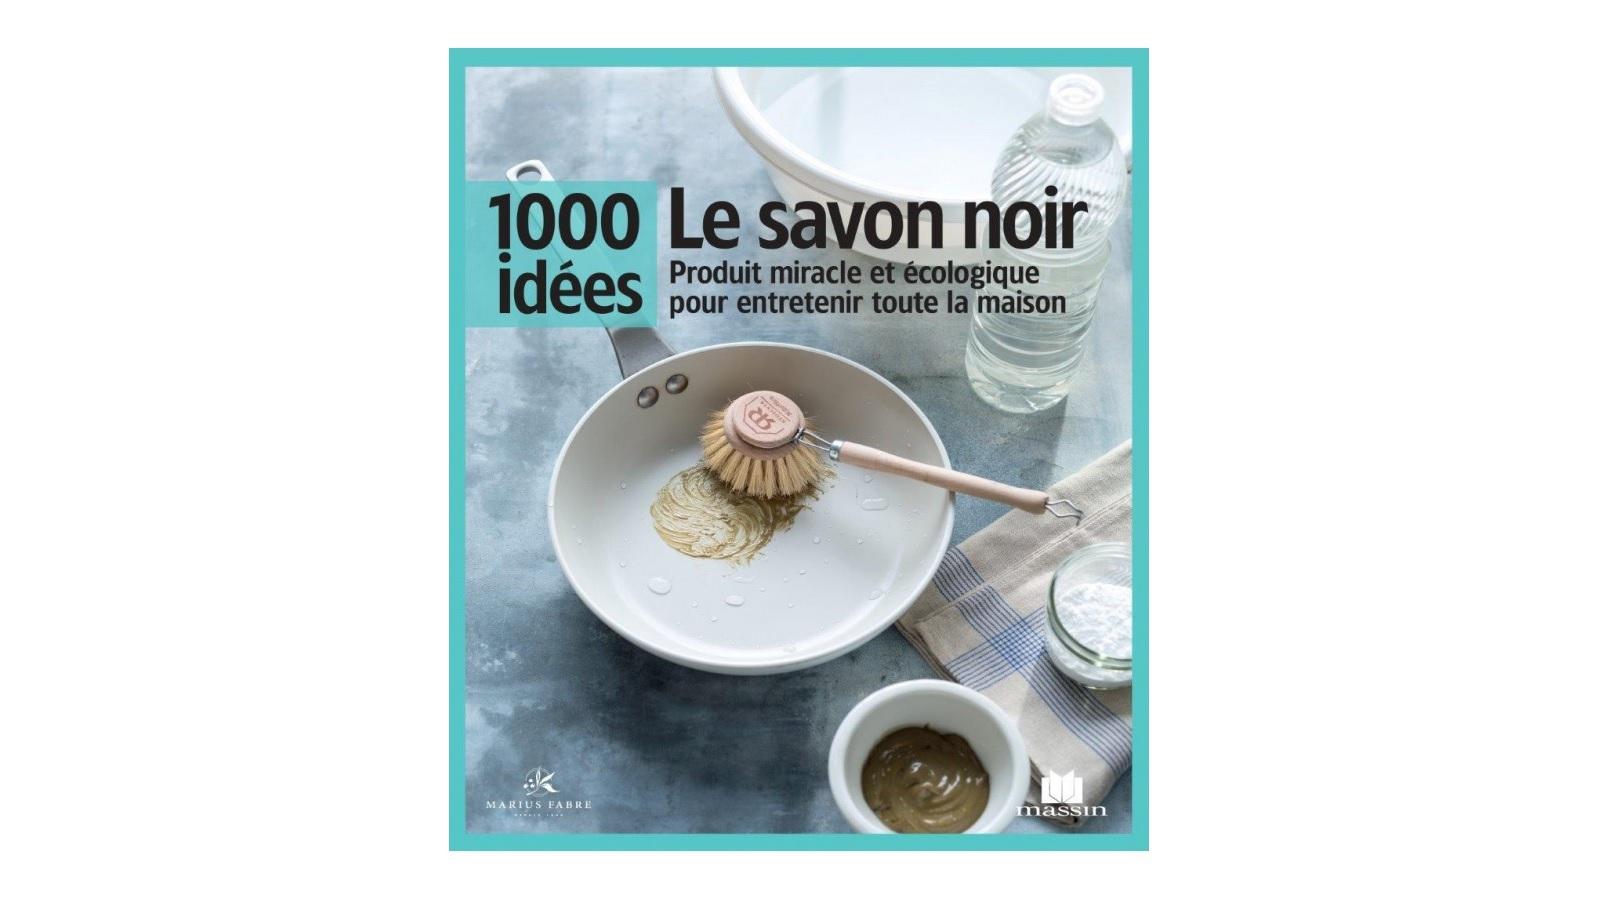 """Book : 1000 idées """"Le savon noir"""" (in French)Livre : 1000 idées """"Le savon noir"""""""